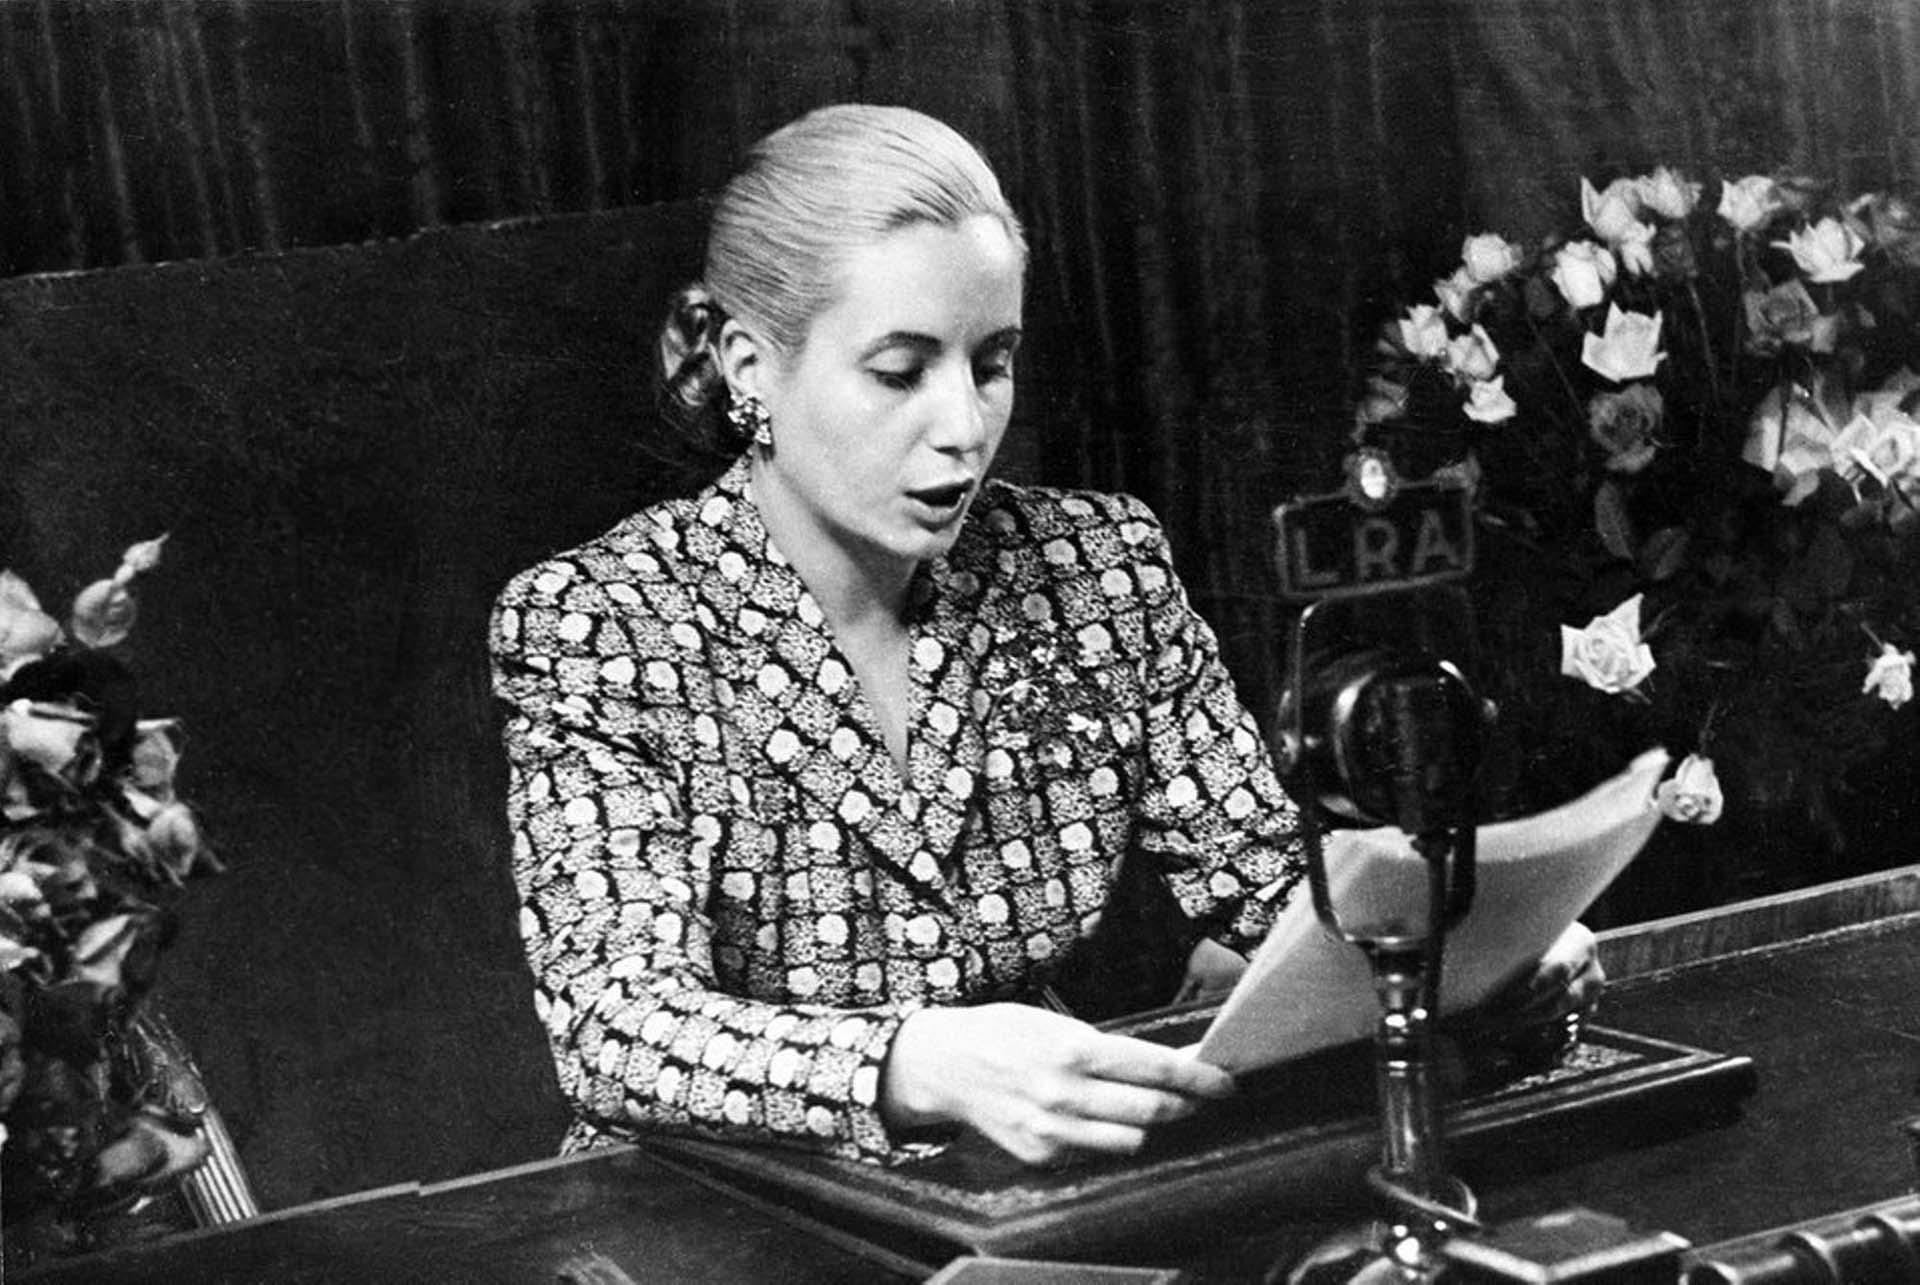 """El 21 de agosto de 1946 el proyecto del voto femenino fue aprobado por la Cámara de Senadores, para que el 9 de septiembre del año siguiente hiciera lo propio la Cámara de Diputados. Días más tarde, el 23 de septiembre de 1947, se promulgó finalmente la Ley 13.010. Evita fue una férrea impulsora de la norma. Ese día, ante una Plaza de Mayo atestada de mujeres, pronunció uno de sus discursos más emblemáticos: """"Recibo en este instante de manos del Gobierno de la Nación la ley que consagra nuestros derechos cívicos. Y la recibo, ante vosotras, con la certeza que lo hago en nombre y representación de todas las mujeres argentinas, sintiendo jubilosamente que me tiemblan las manos al contacto del laurel que proclama la victoria"""" (AP Photo)"""